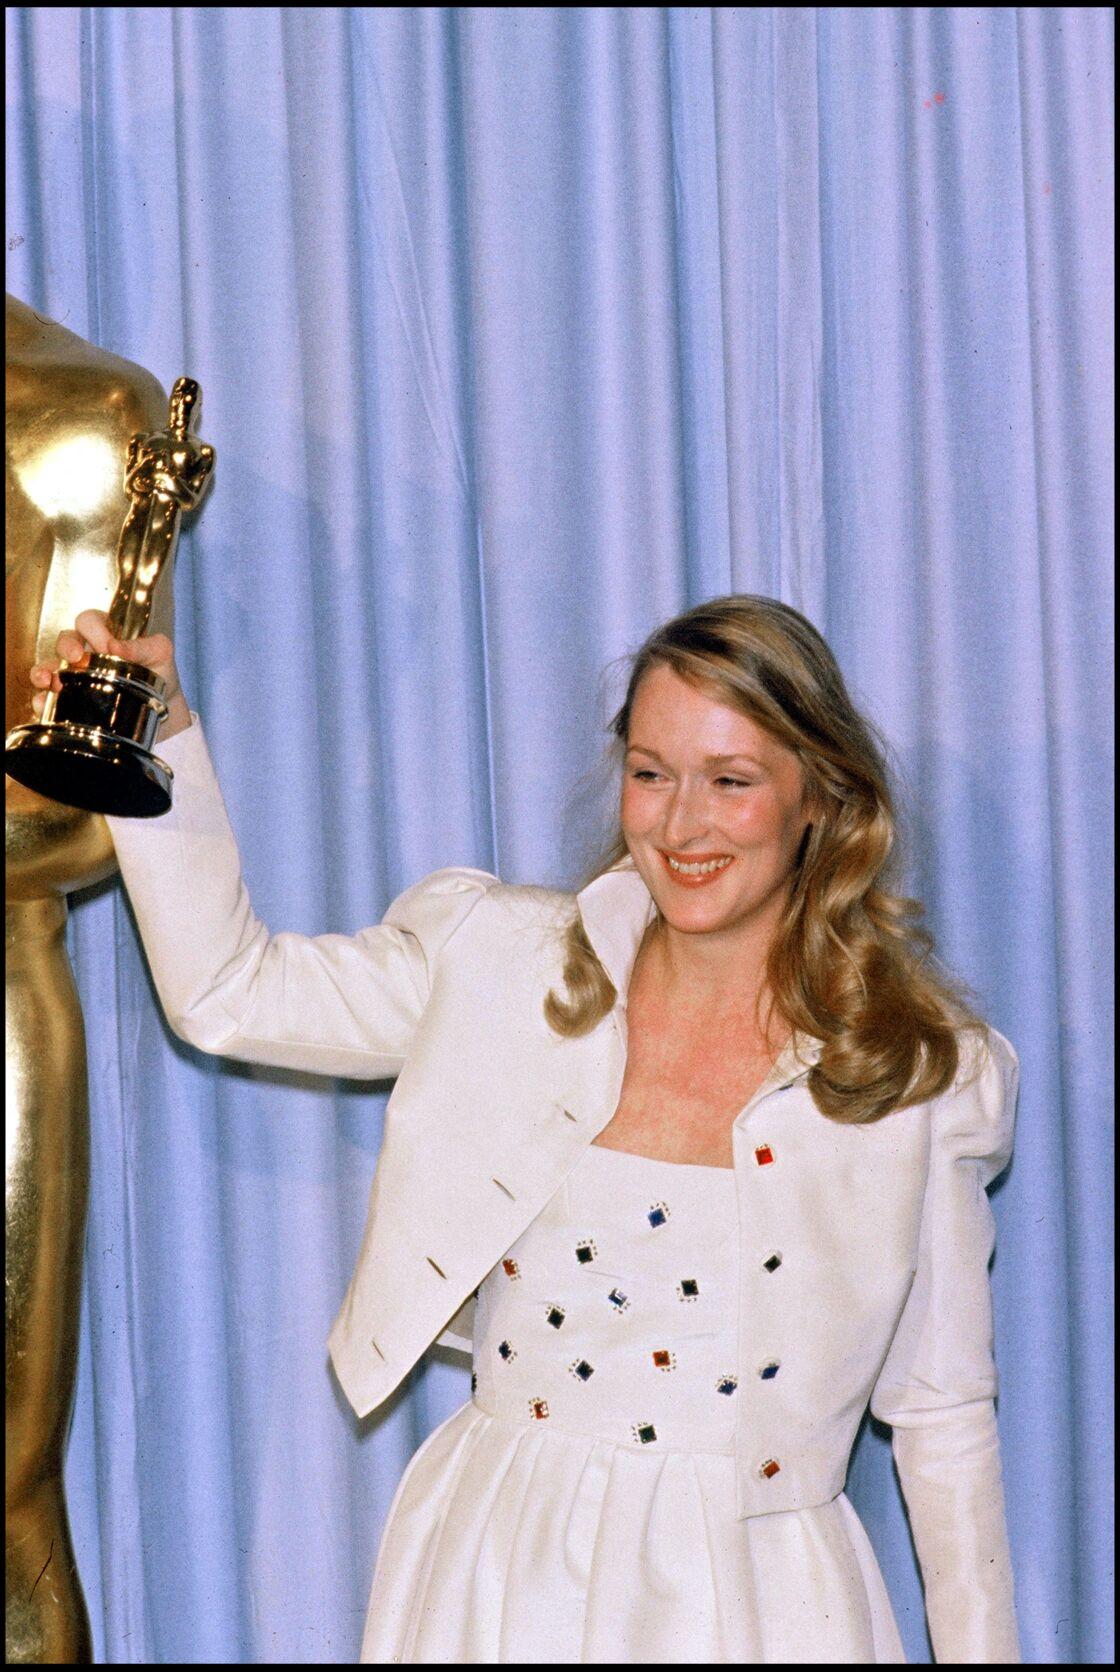 En 1980, Meryl Streep remporte son premier Oscar pour Kramer contre Kramer. Cette récompense l'installe de manière durable dans le paysage hollywoodien.